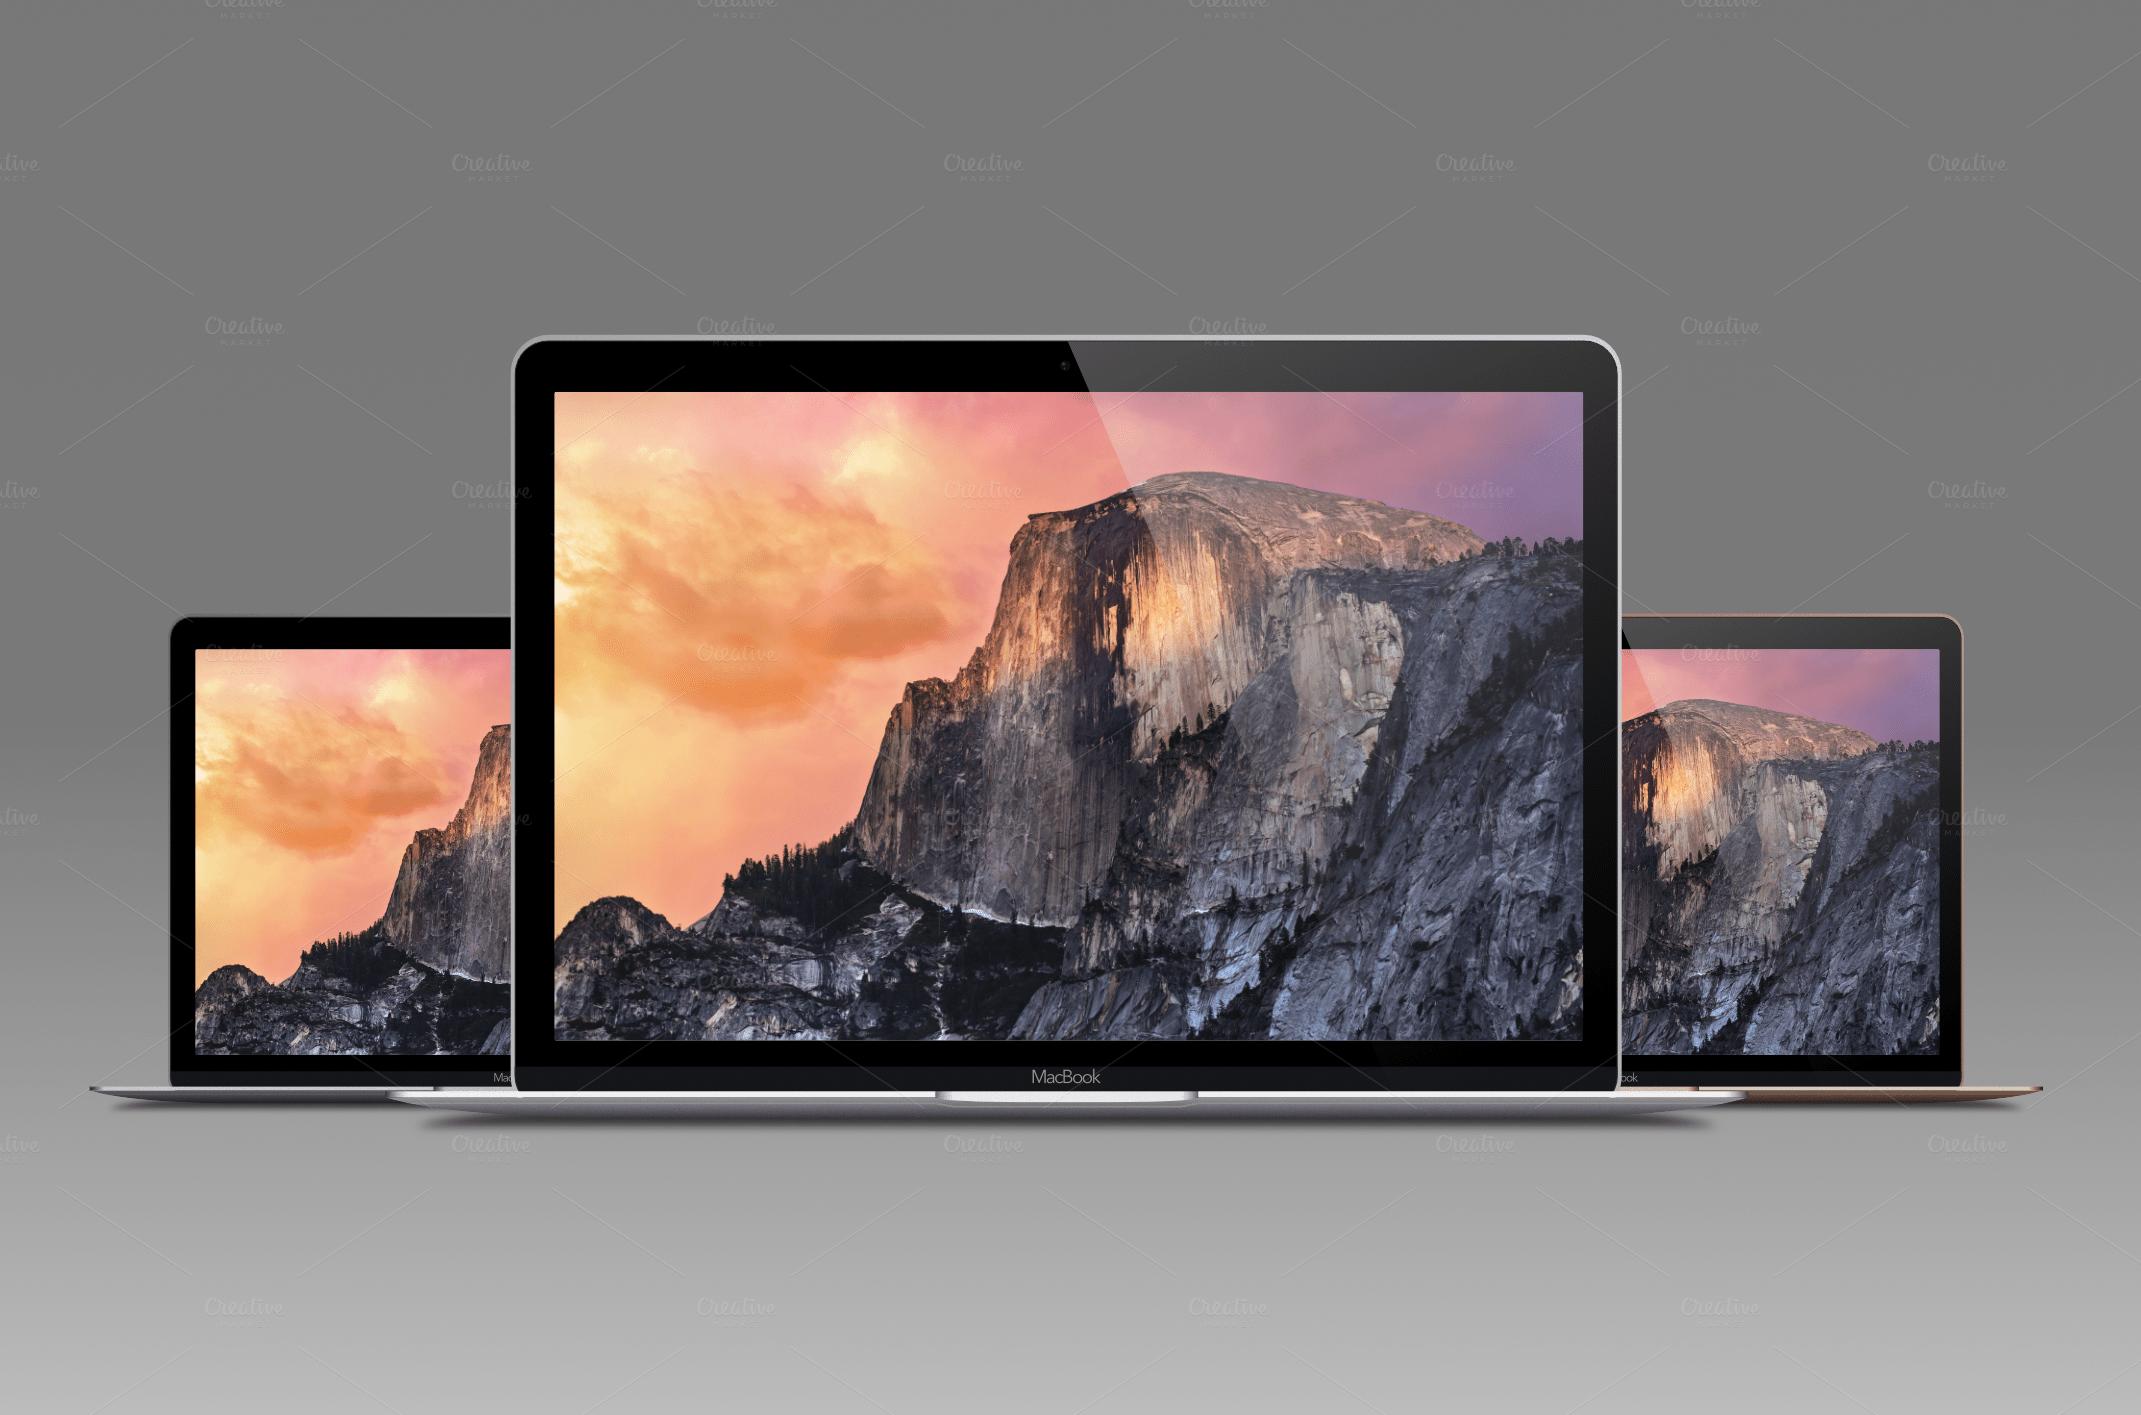 macbook-2015-o